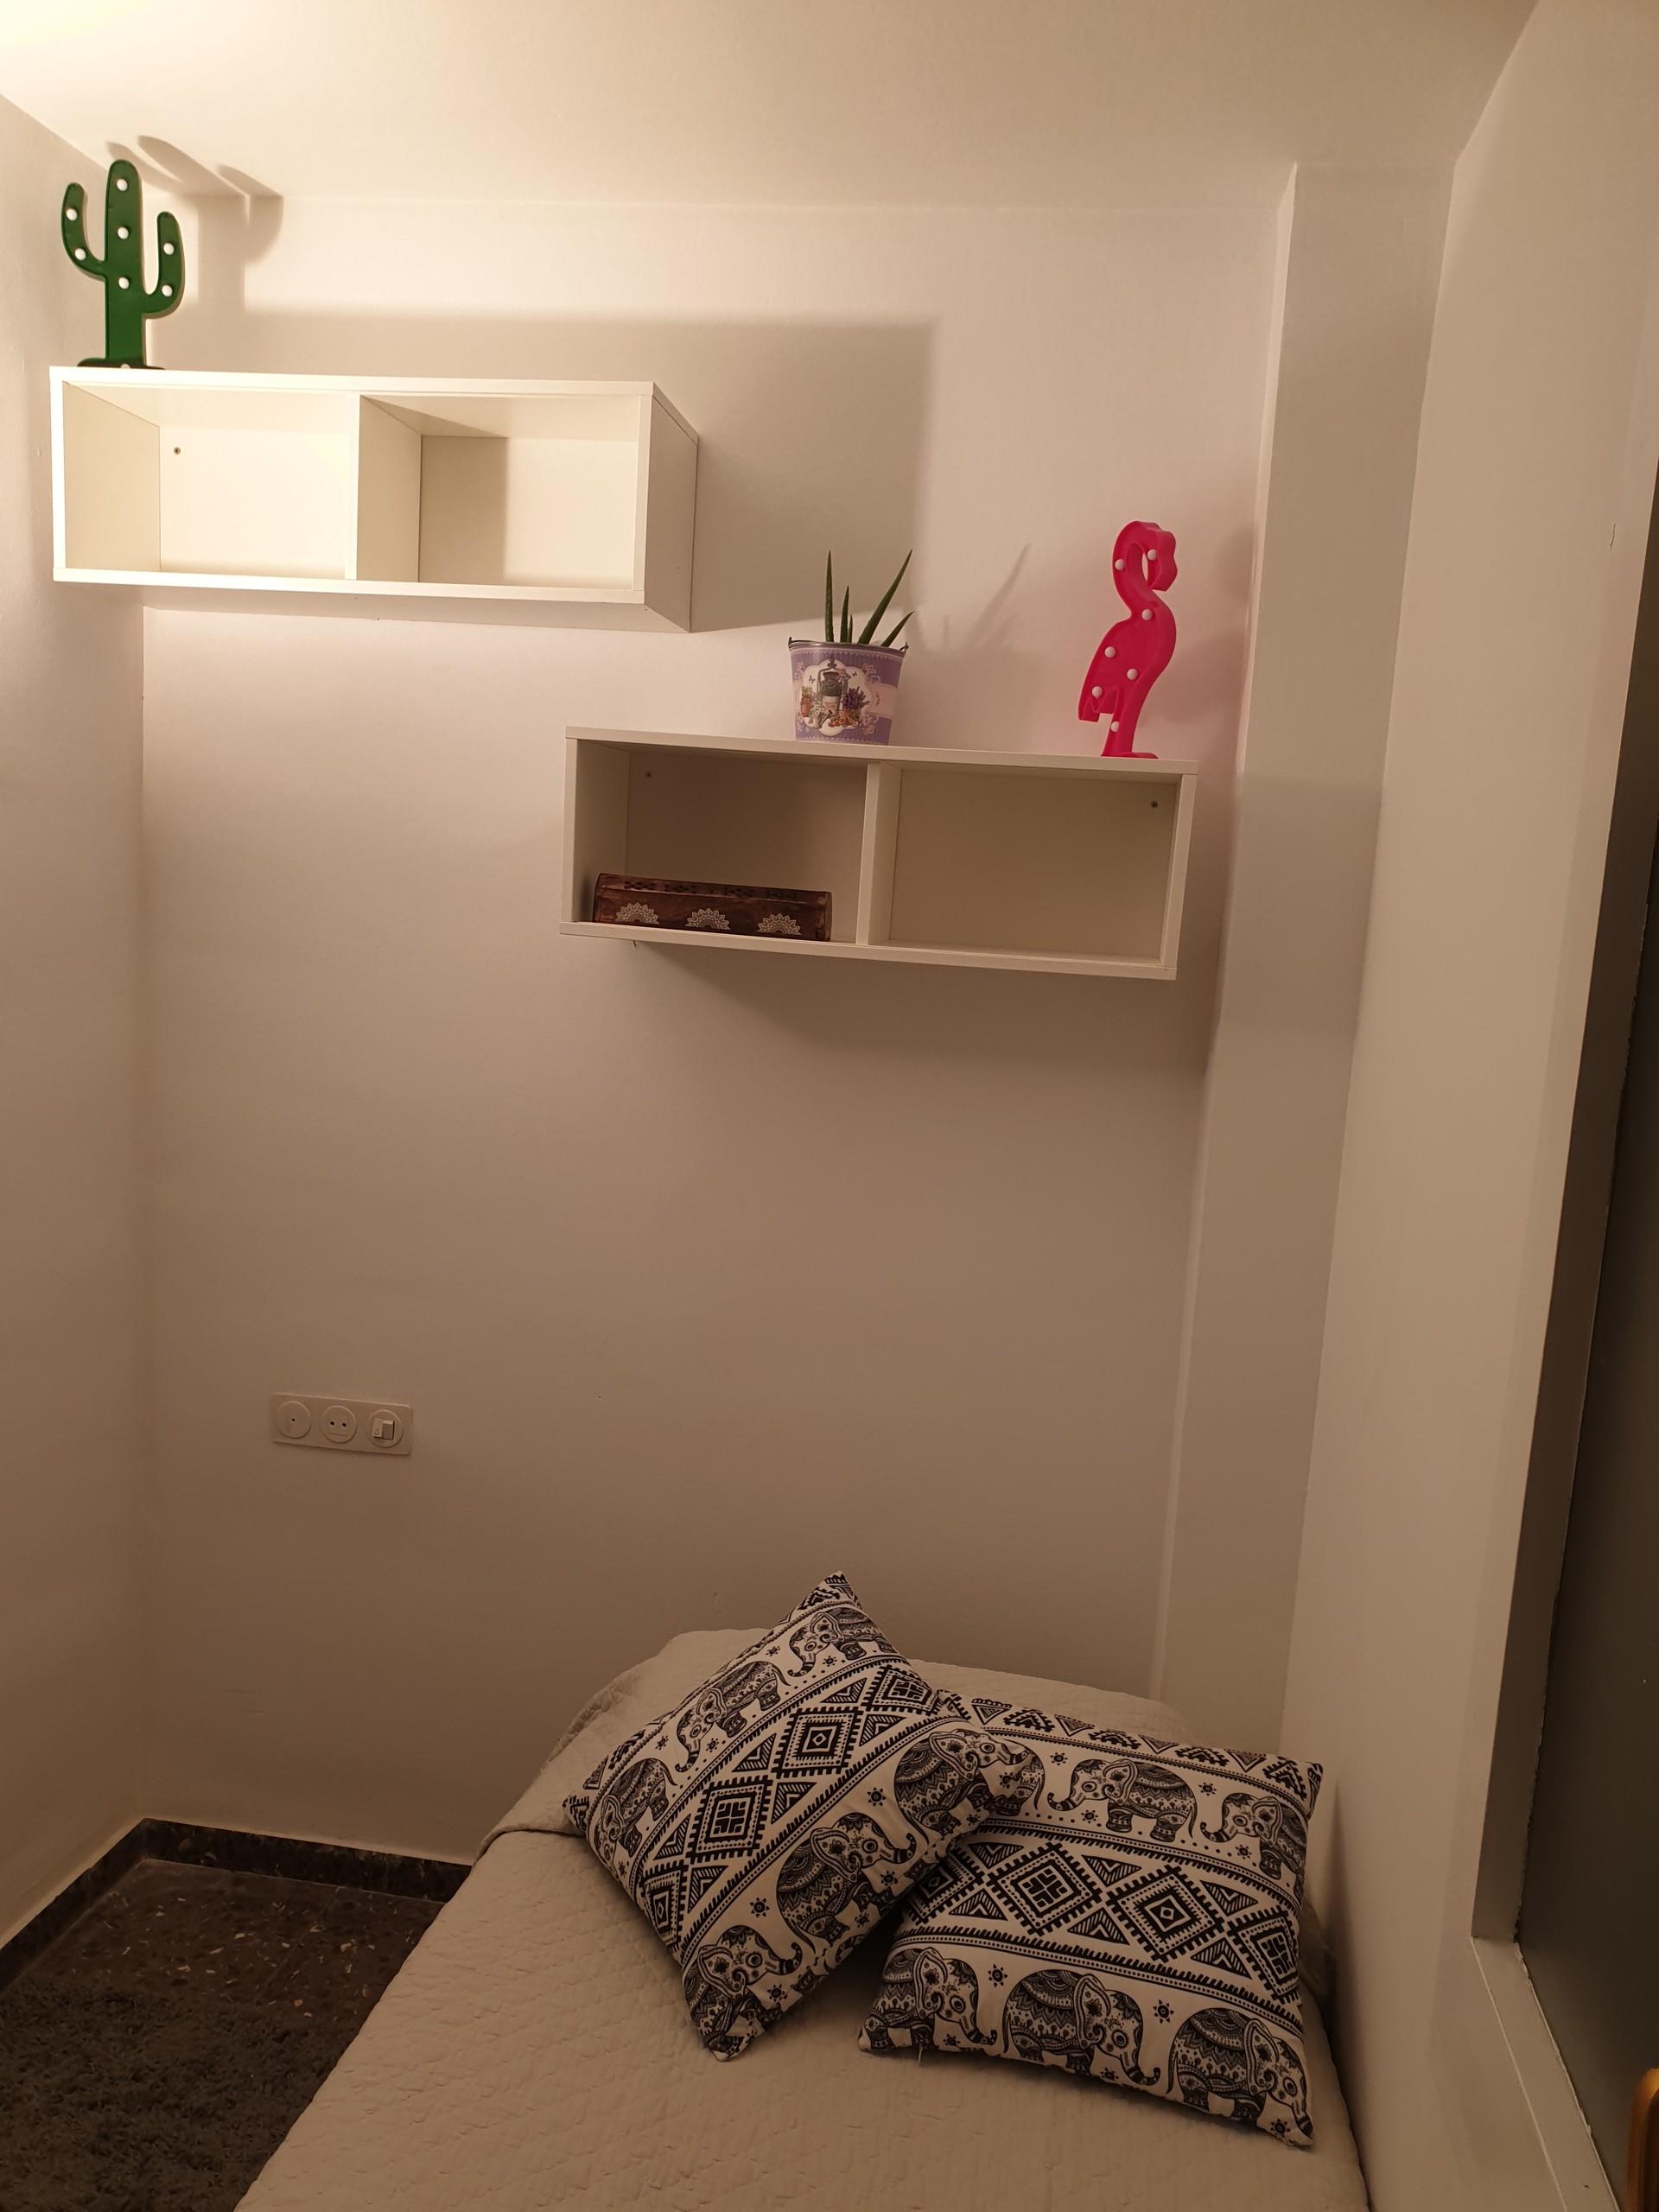 habitacion-centro-terrassa-6b4d6facaa87a79e9e9ddbd55f41ff6a